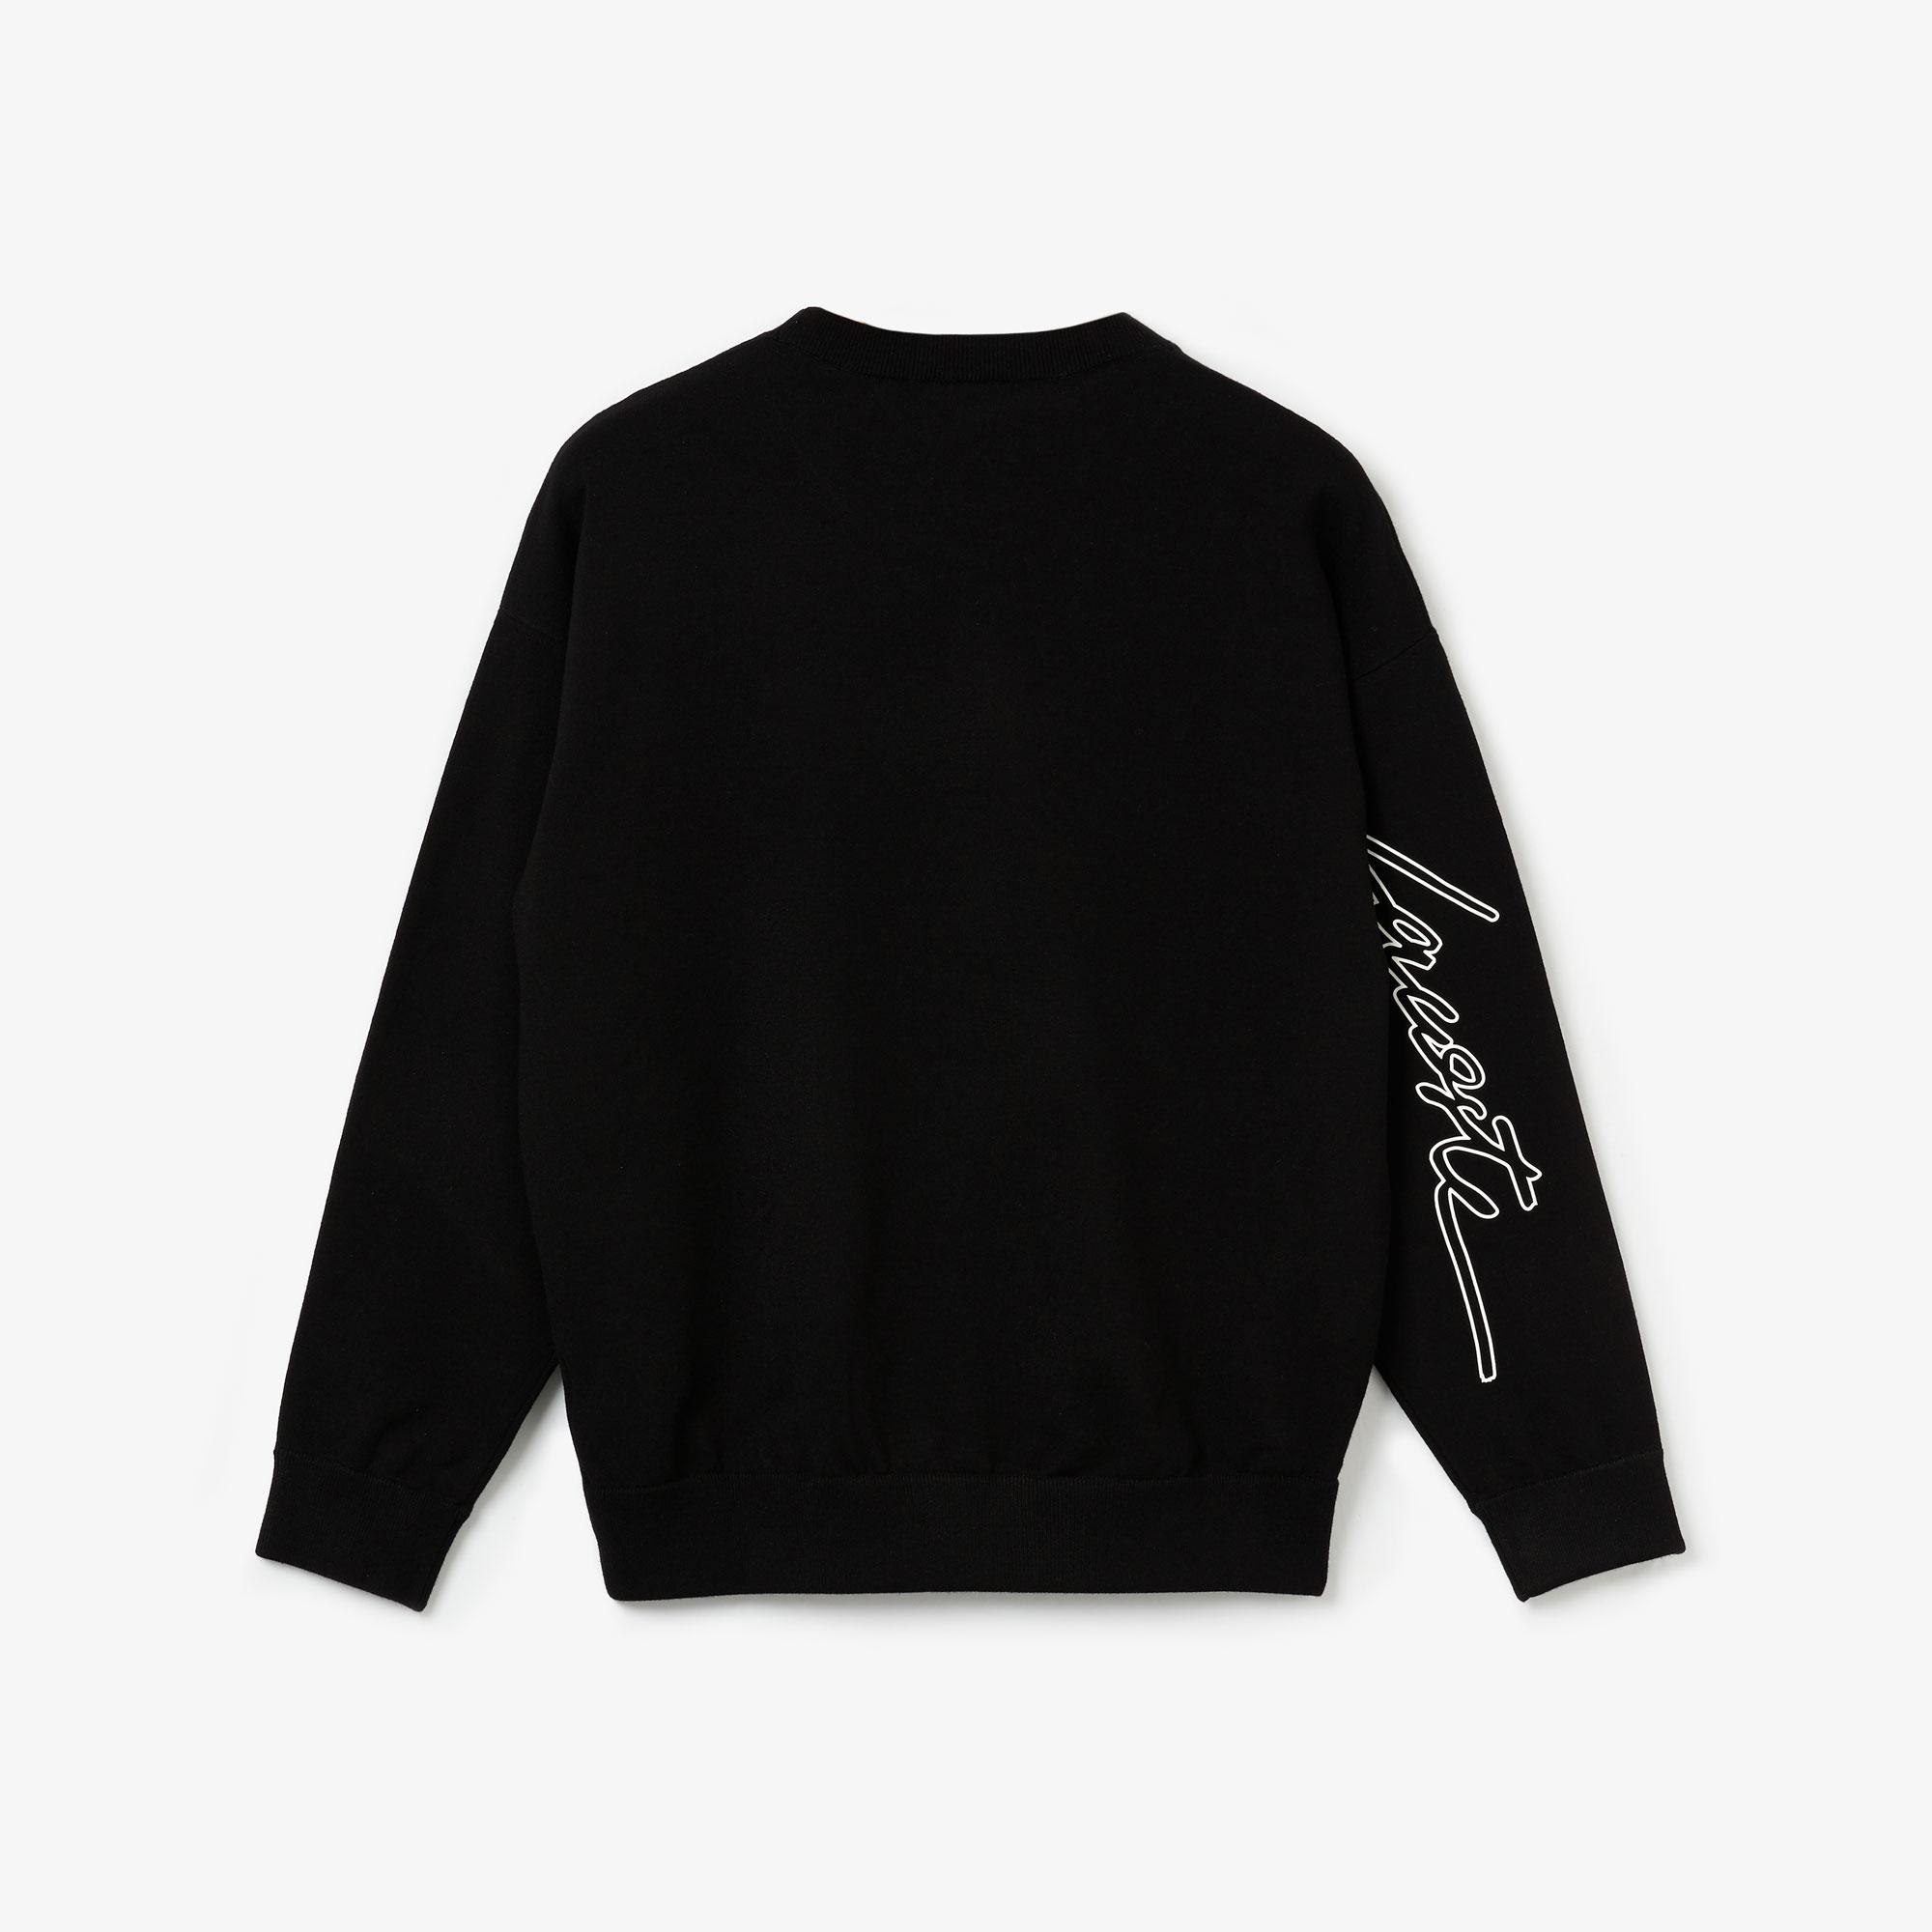 Lacoste LIVE Damski Sweter Bawełniany Z Napisem 3D Z Okrągłym Dekoltem